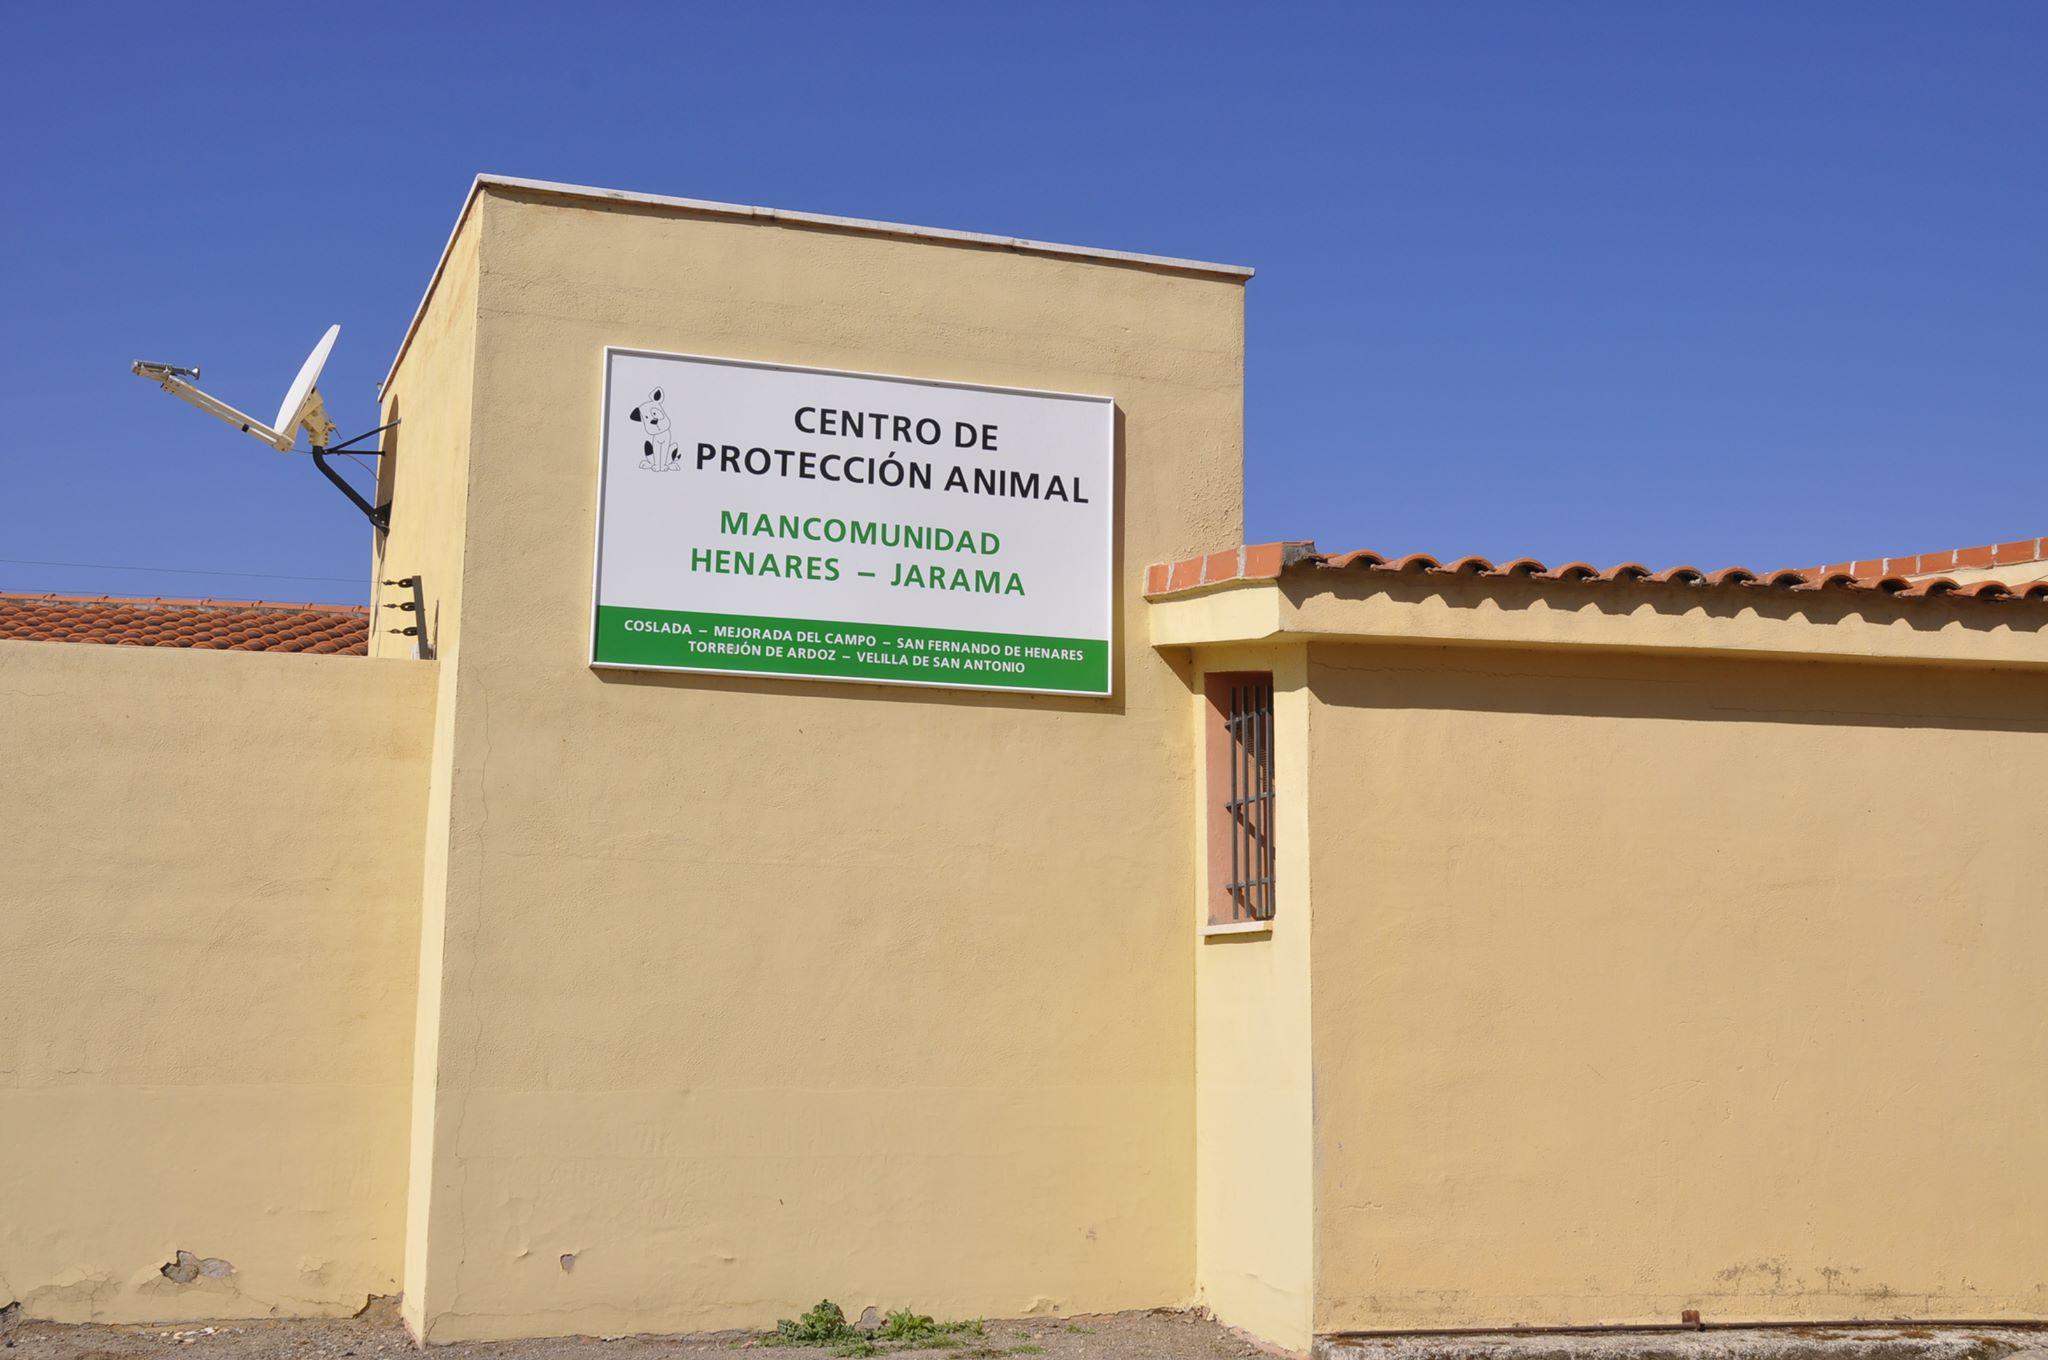 La Mancomunidad Henares-Jarama implanta un servicio de recogida de animales 24 horas, 7 días a la semana.